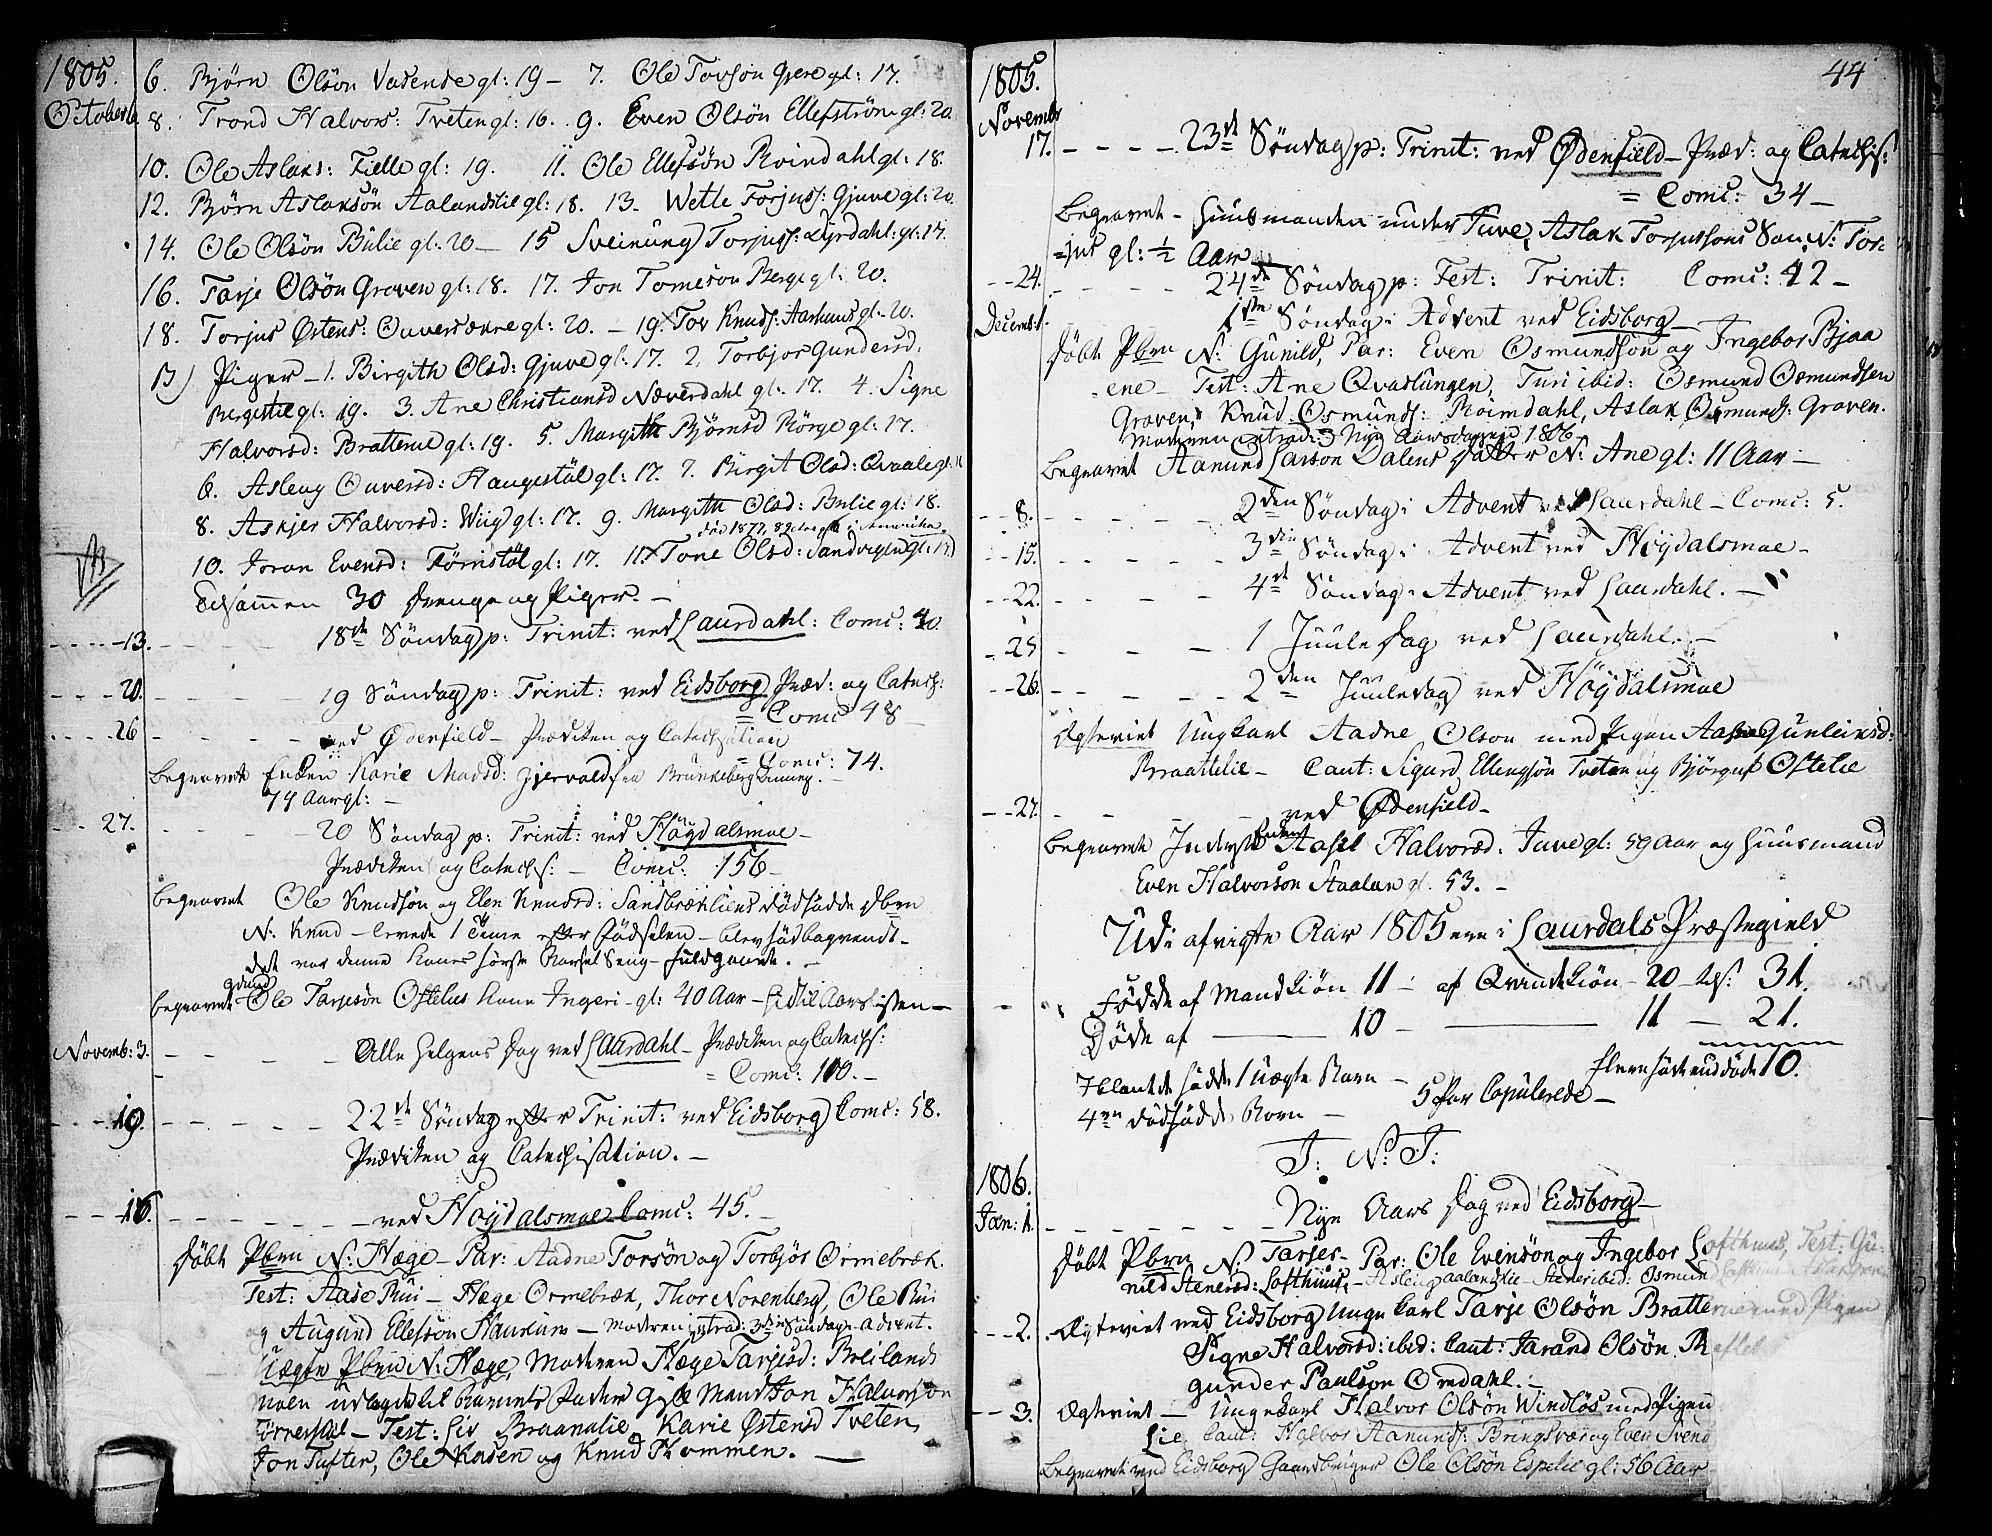 SAKO, Lårdal kirkebøker, F/Fa/L0004: Ministerialbok nr. I 4, 1790-1814, s. 44